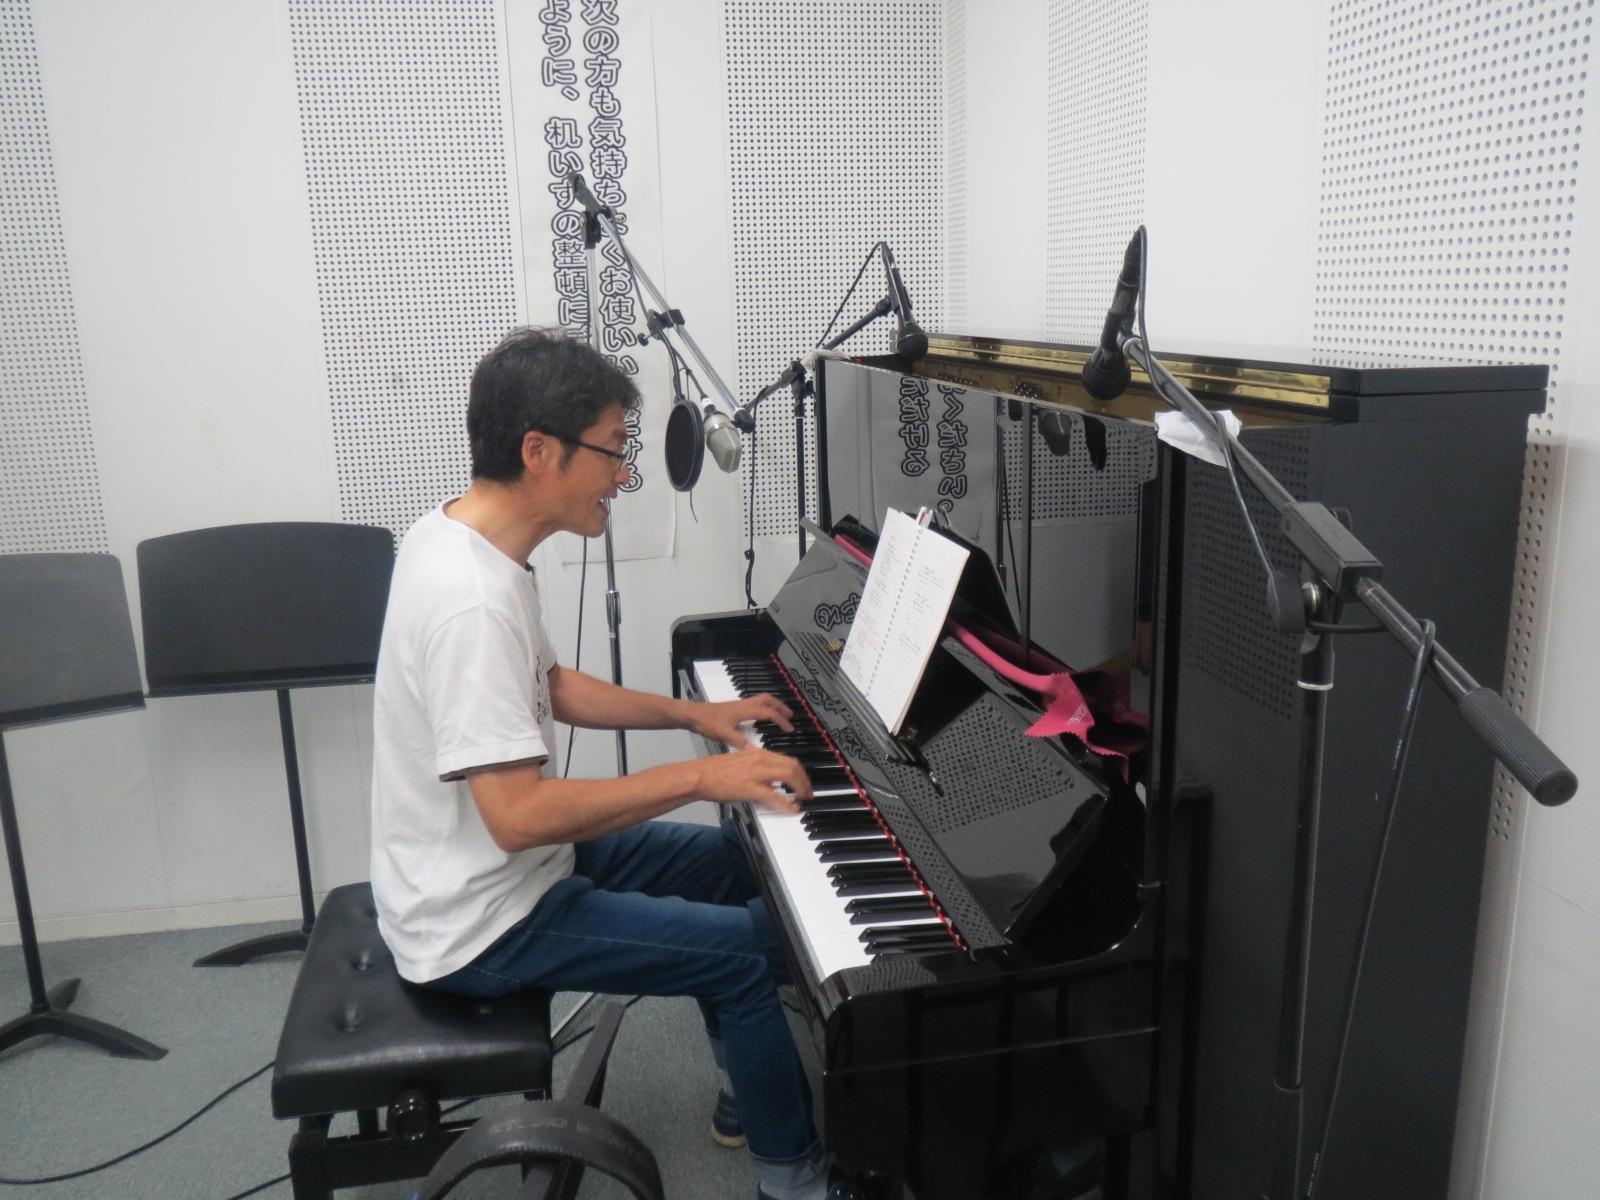 コンデンサーマイクで、ピアノの録音、あなたならどうやって録音する??付録:マイク検証ページ付き_d0063599_2234558.jpg